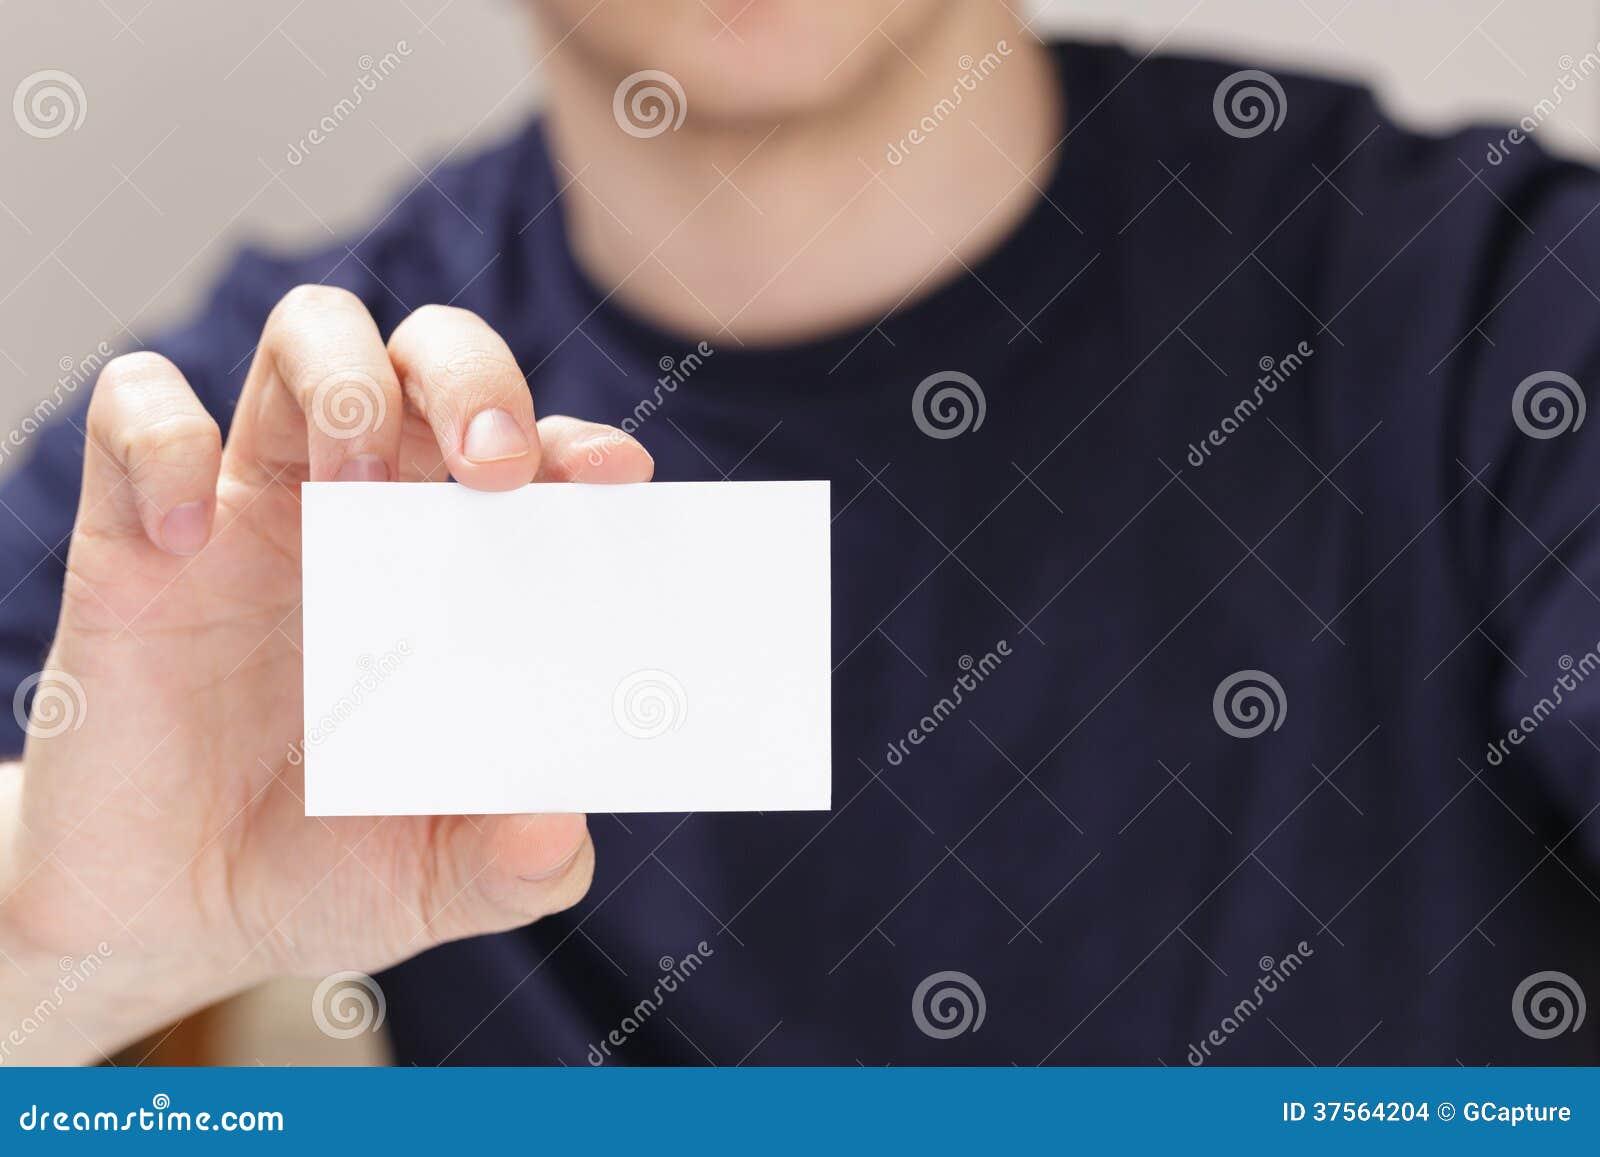 Main Adulte D Homme Tenant La Carte De Visite Professionnelle Vide Devant L Appareil